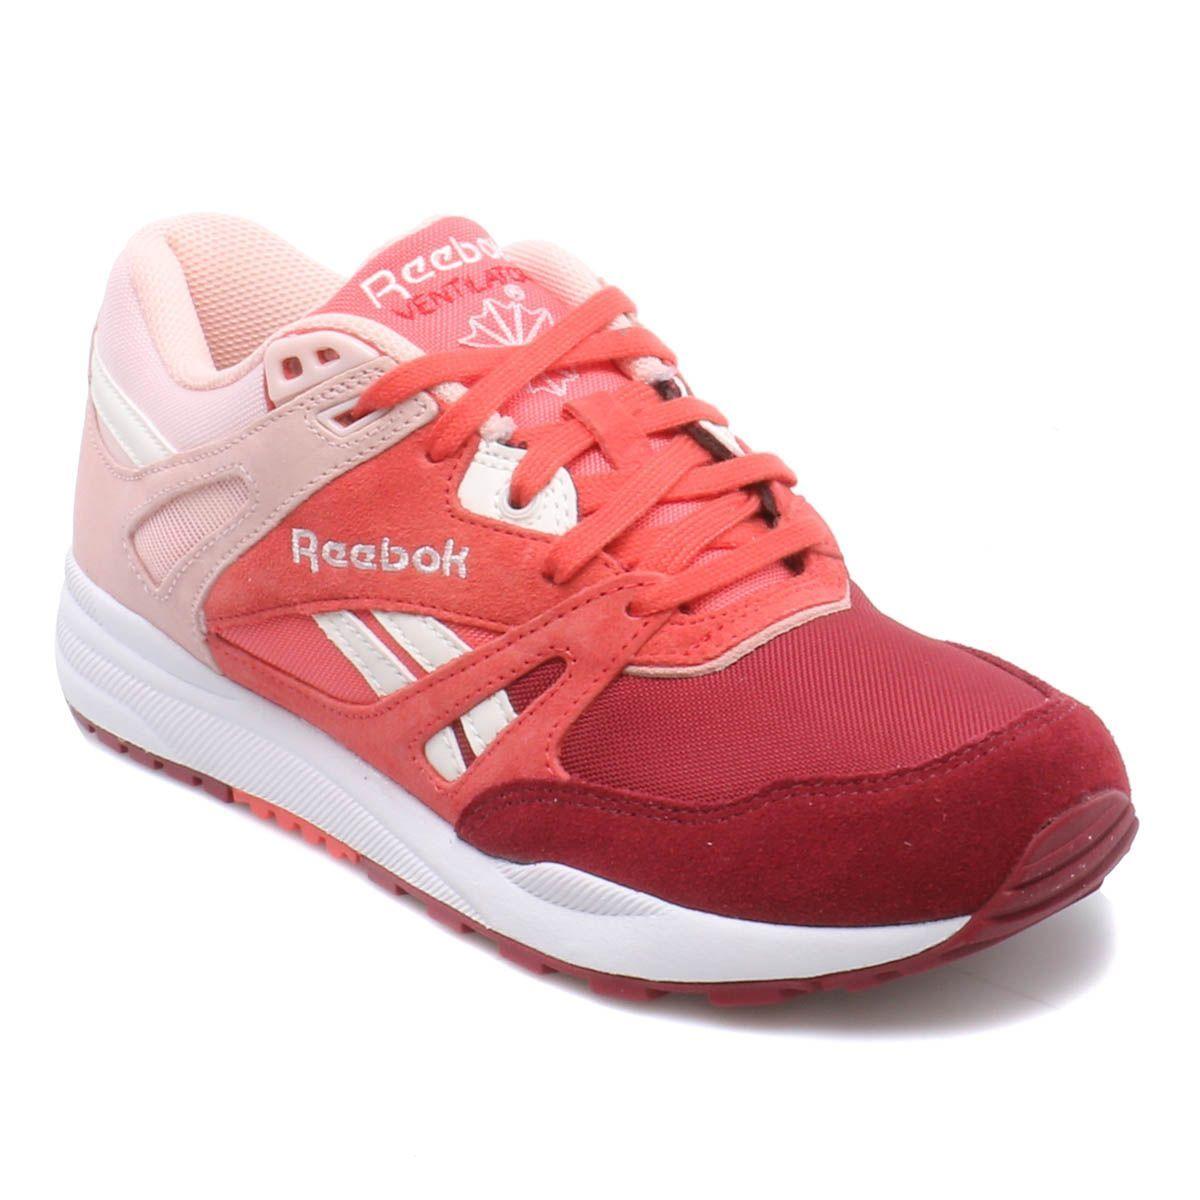 Bordo Kurusu Ayakkabılar Ventilator Reebok Kadın Sneaker Gül Tüm OiXPkZu